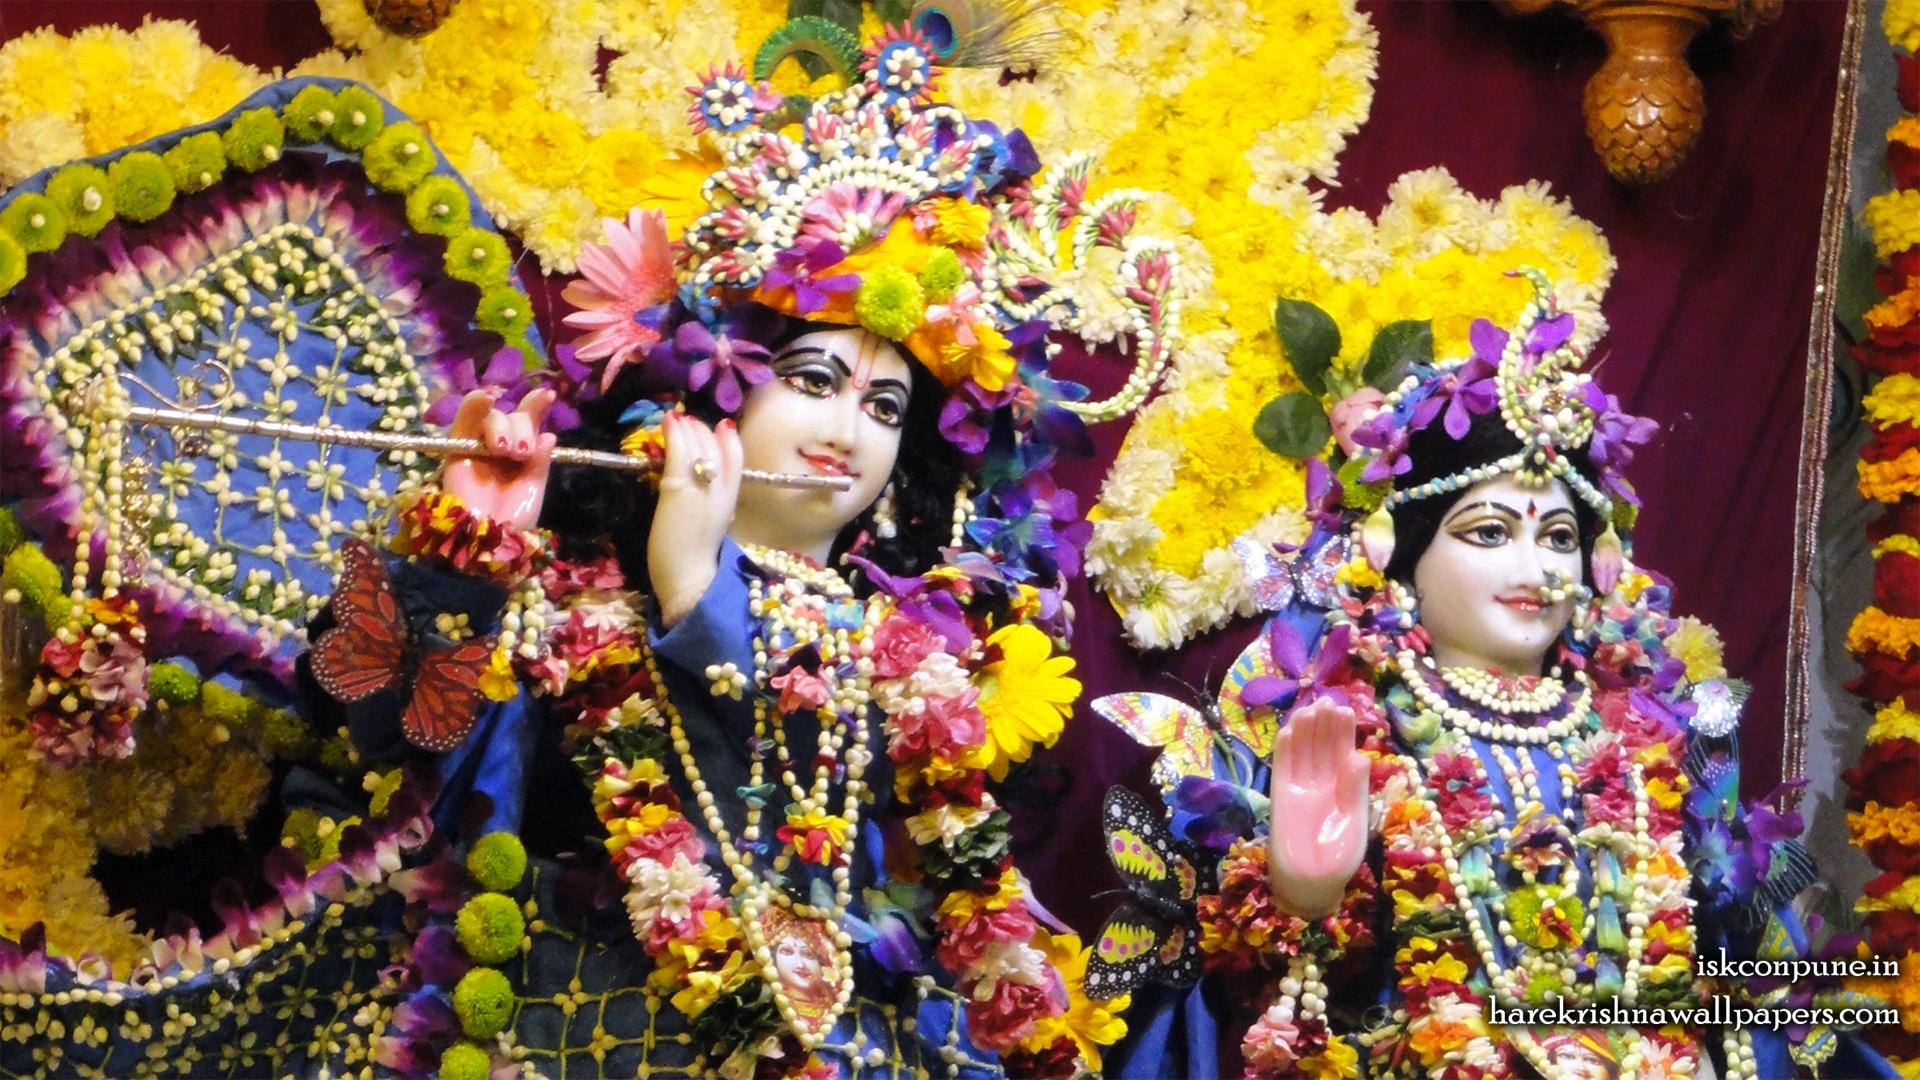 Sri Sri Radha Kunjabihari Close up Wallpaper (002) Size 1920x1080 Download